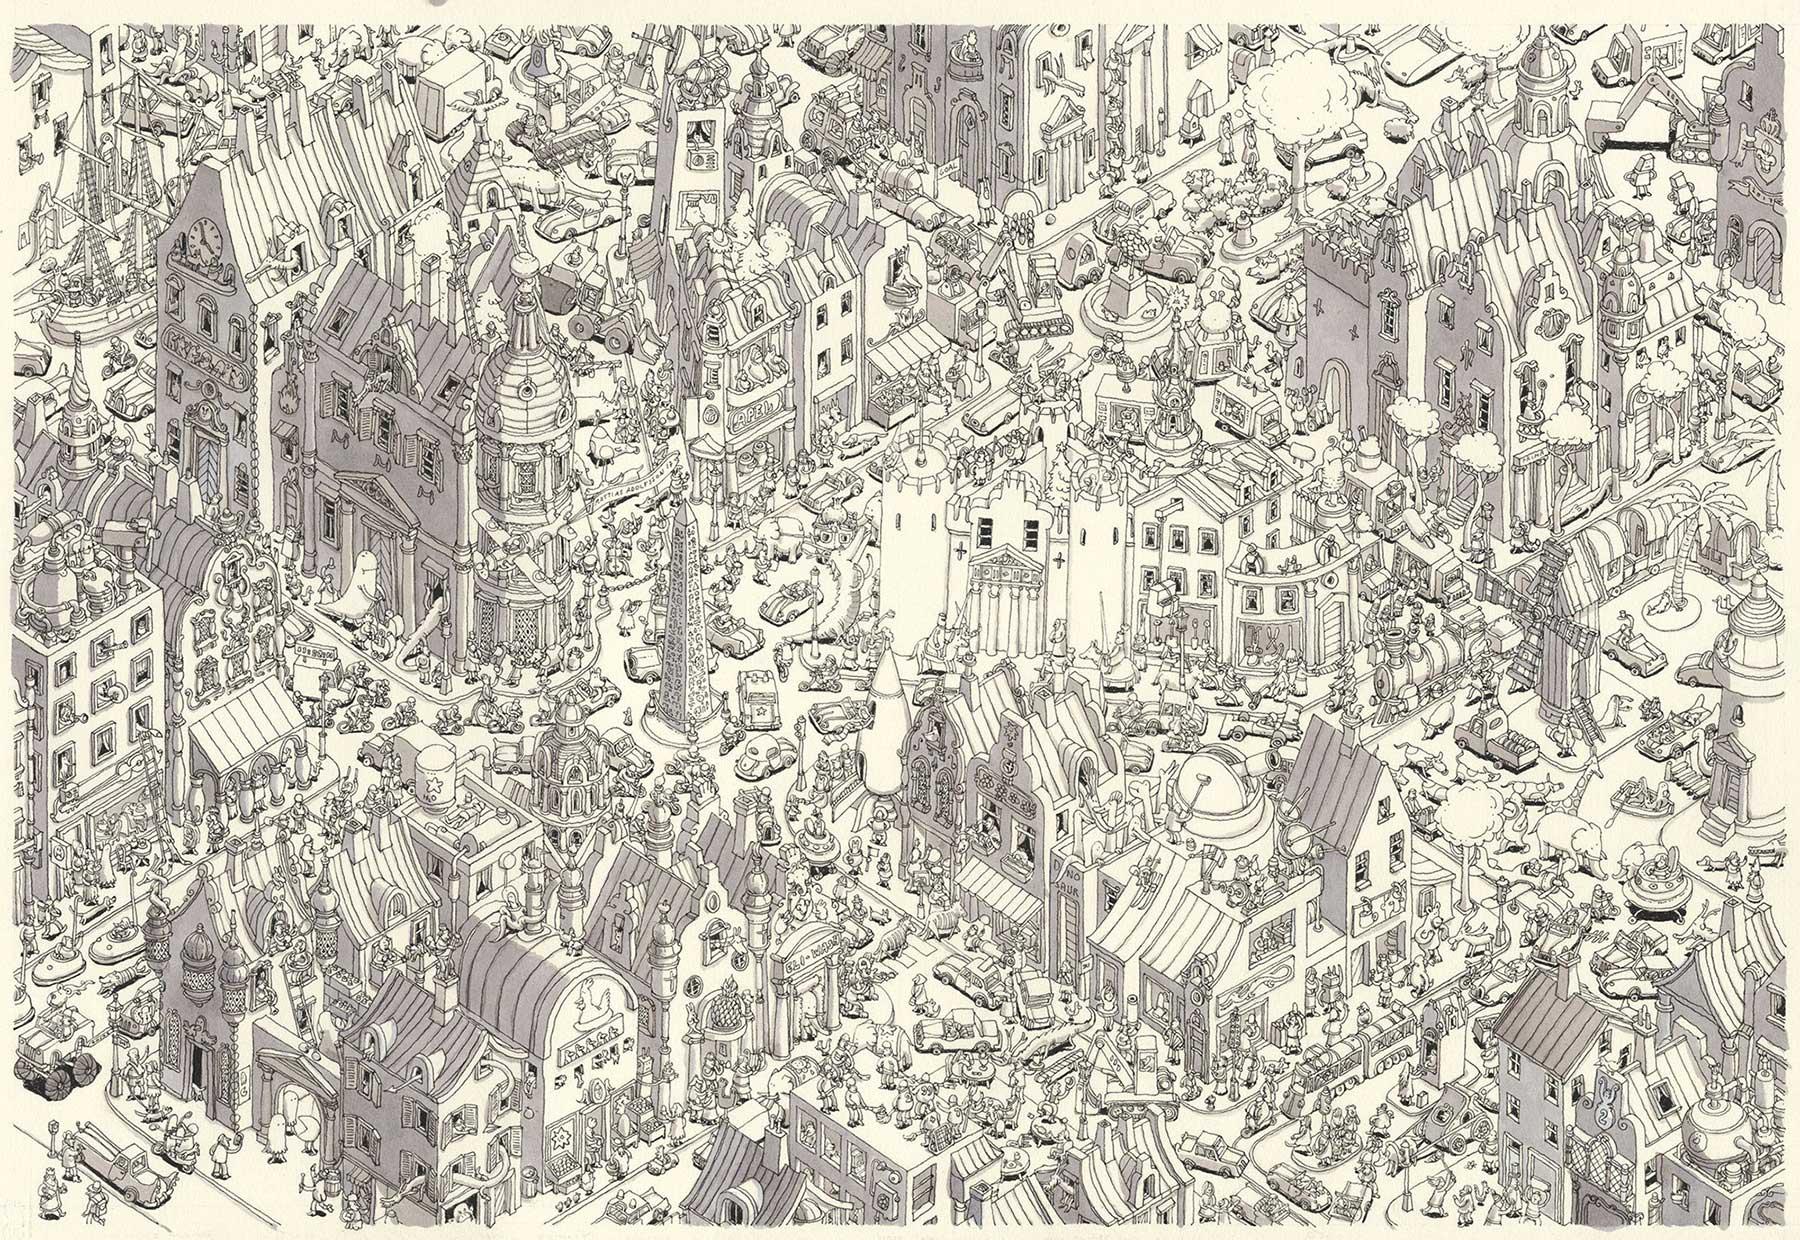 Noch mehr Notizbuchzeichnungen von Mattias Adolfsson Mattias-Adolfsson-Zeichnungen_02